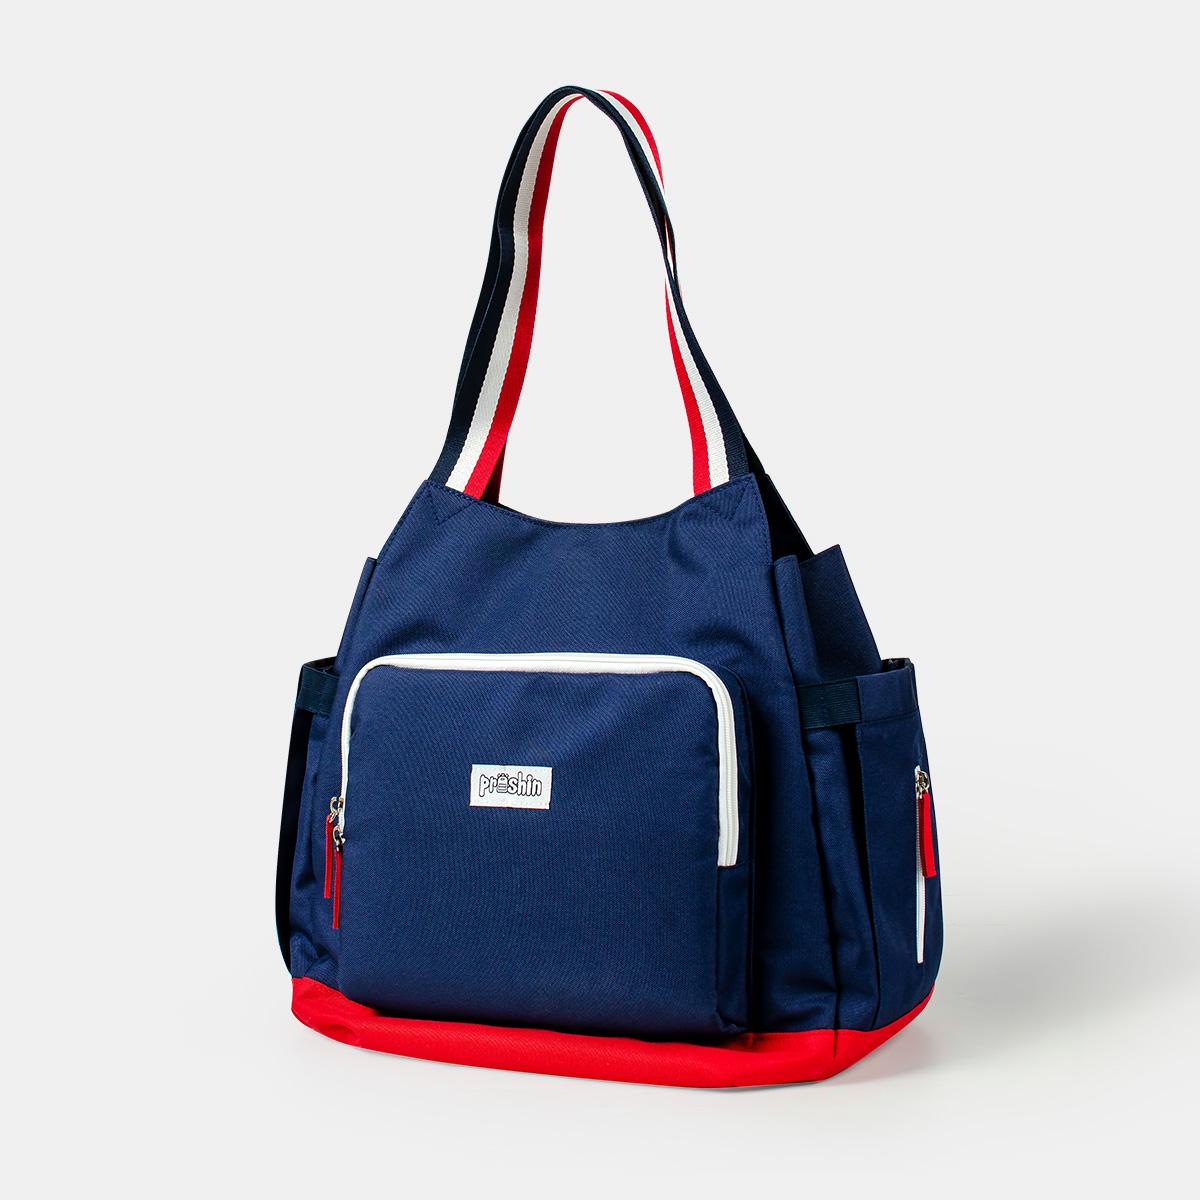 妈咪包2020新款时尚女母婴包单肩手提多功能大容量日本外出妈妈包